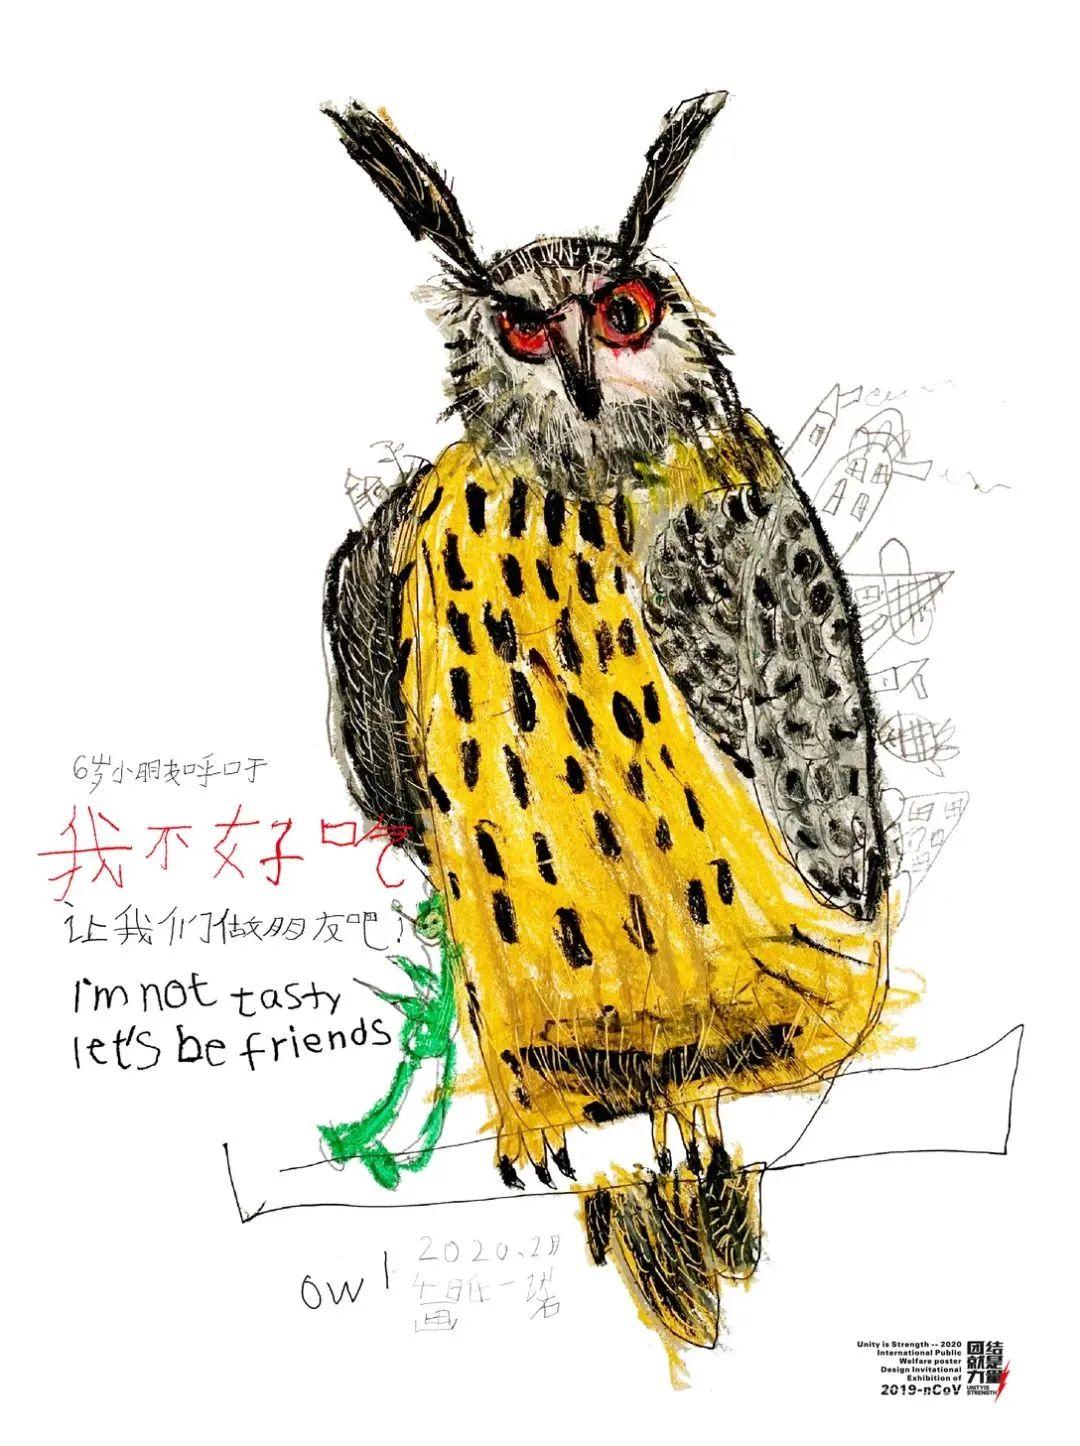 6岁蒙古族小设计师用插画拯救野生动物,为抗疫助力! 第13张